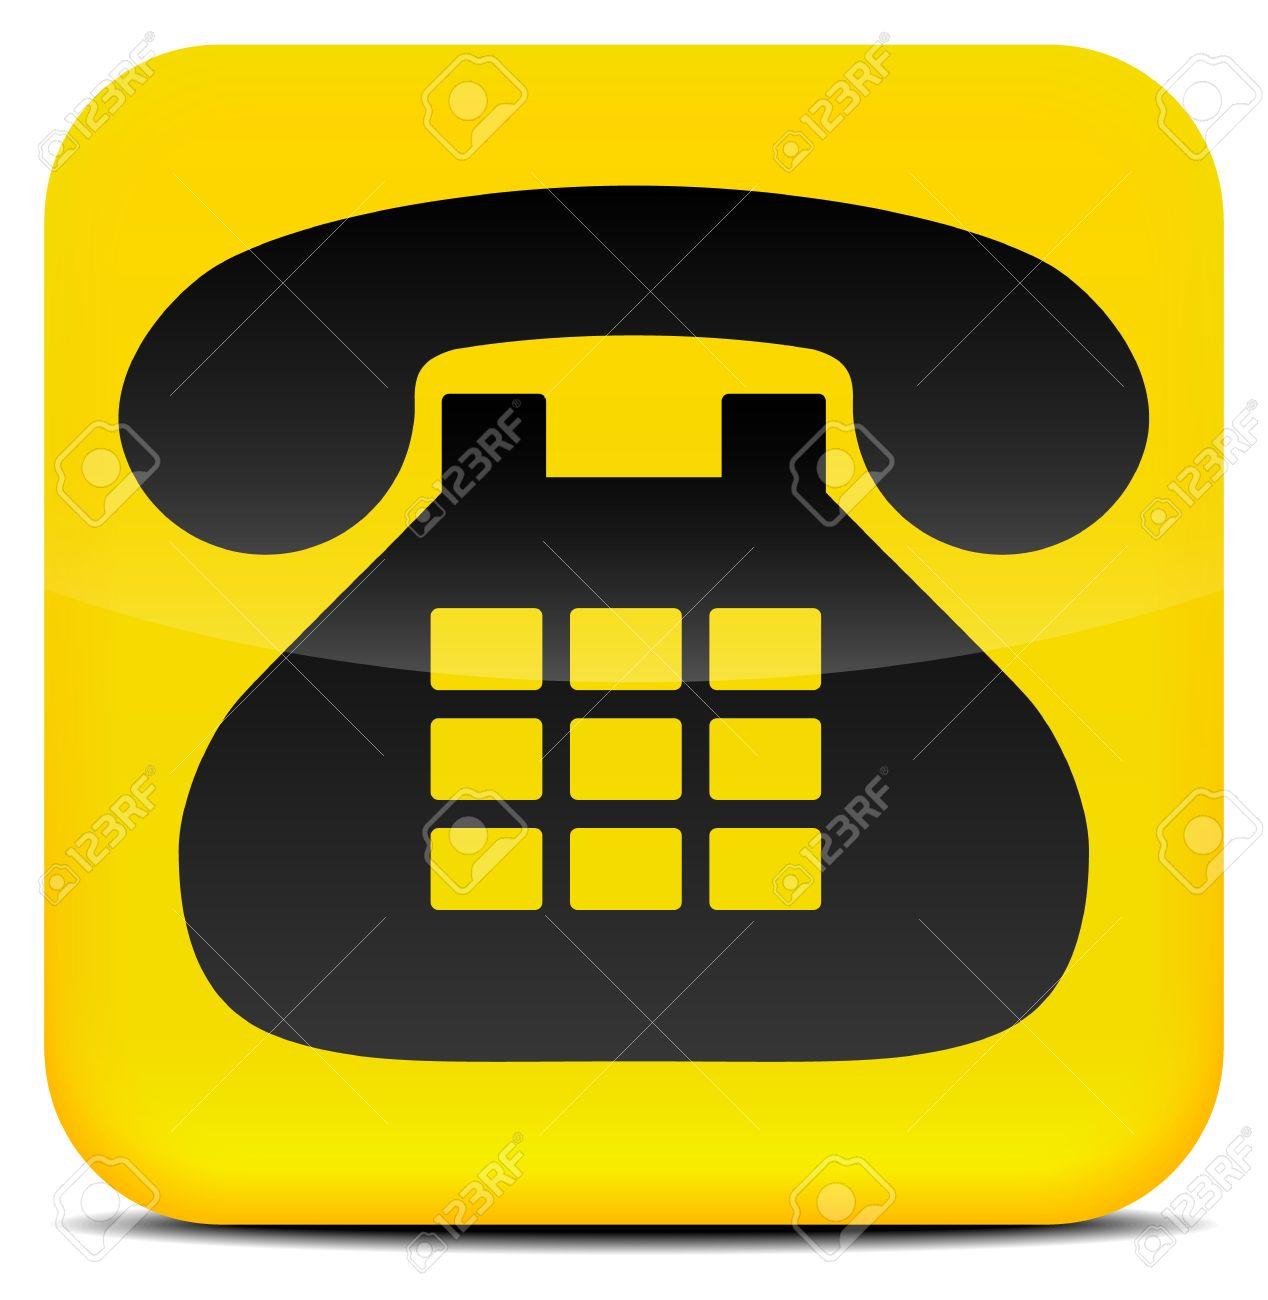 Image result for biểu tượng điện thoại